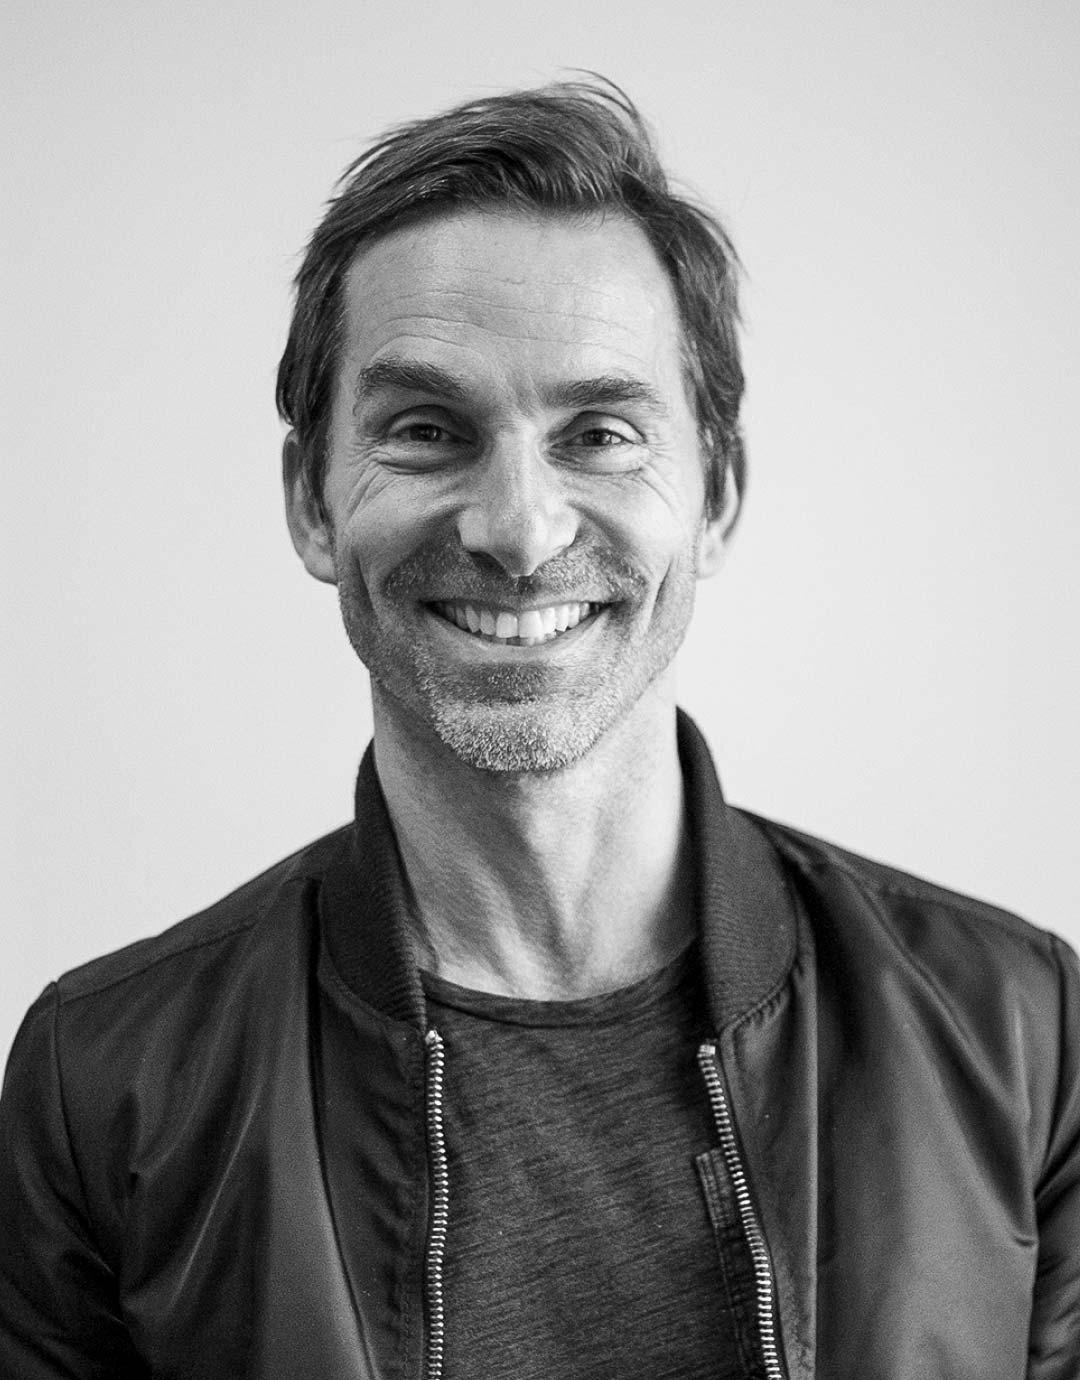 David Kremer